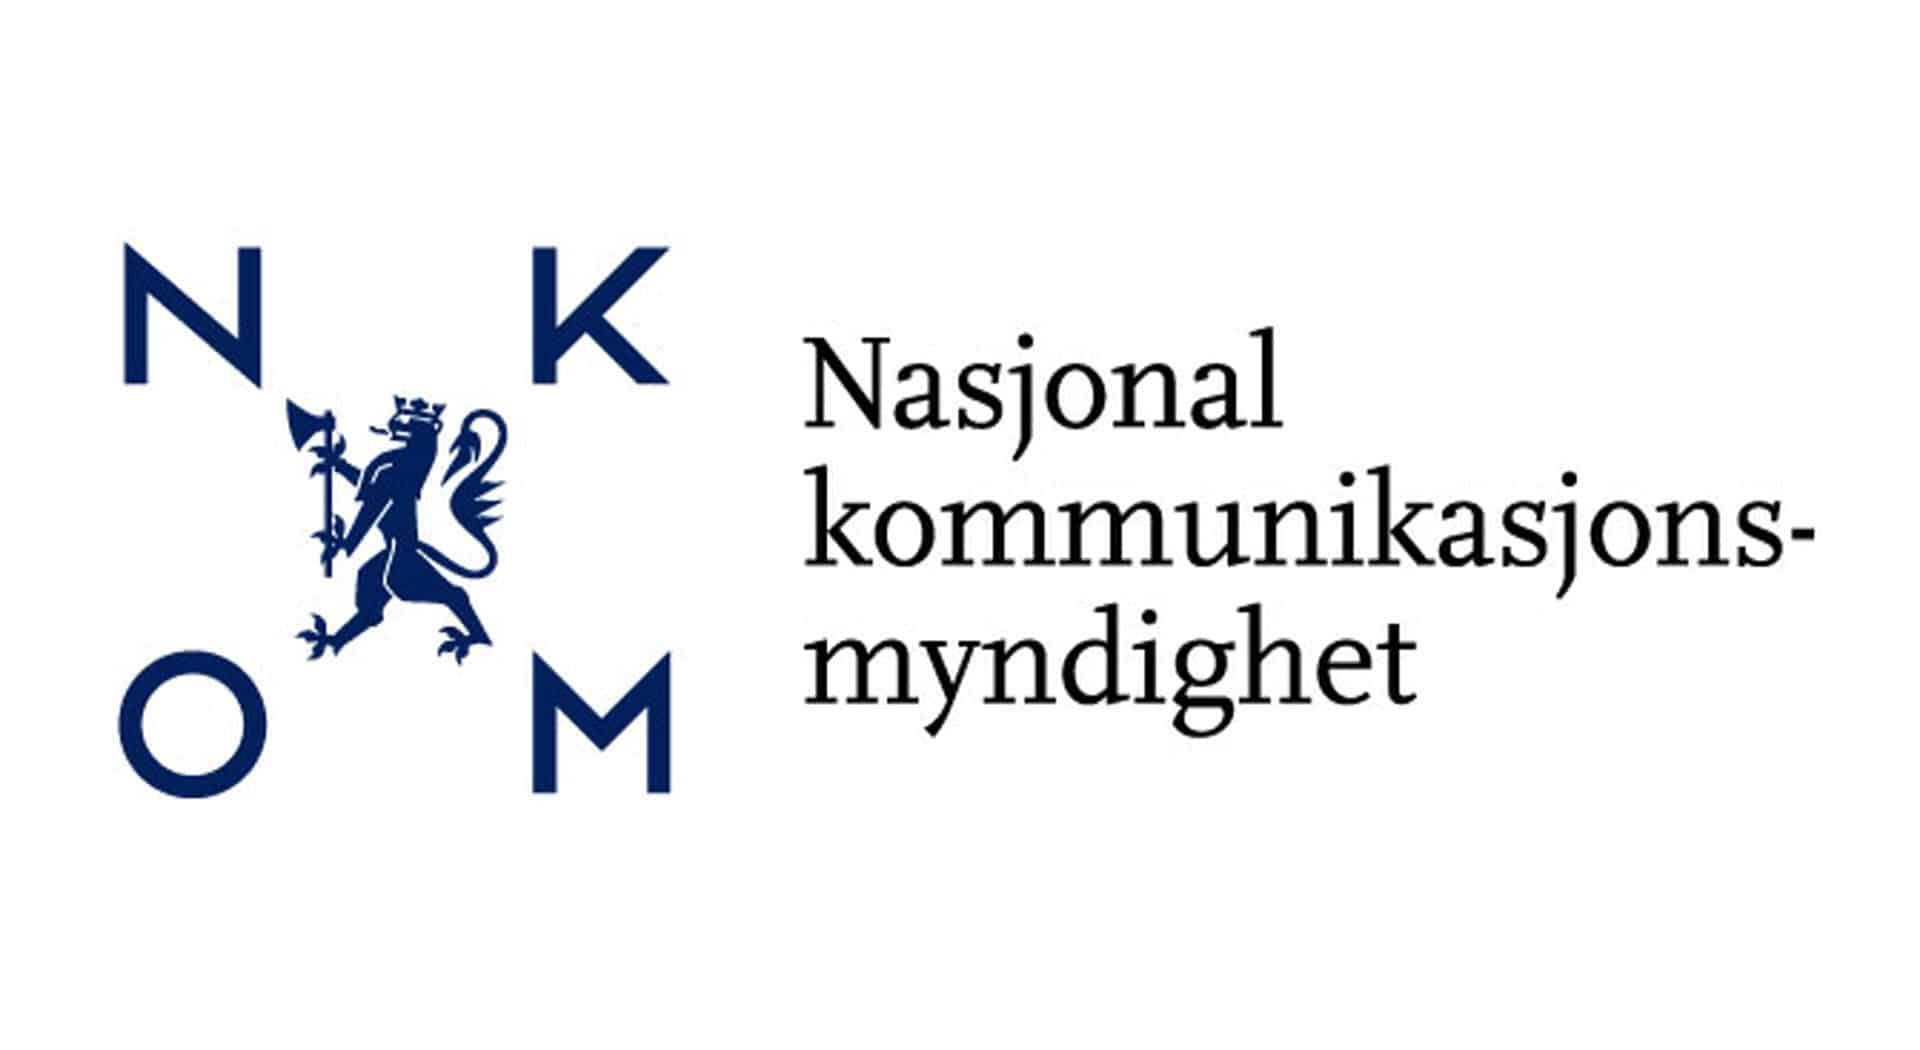 Nasjonal kommunikasjonsmyndighet